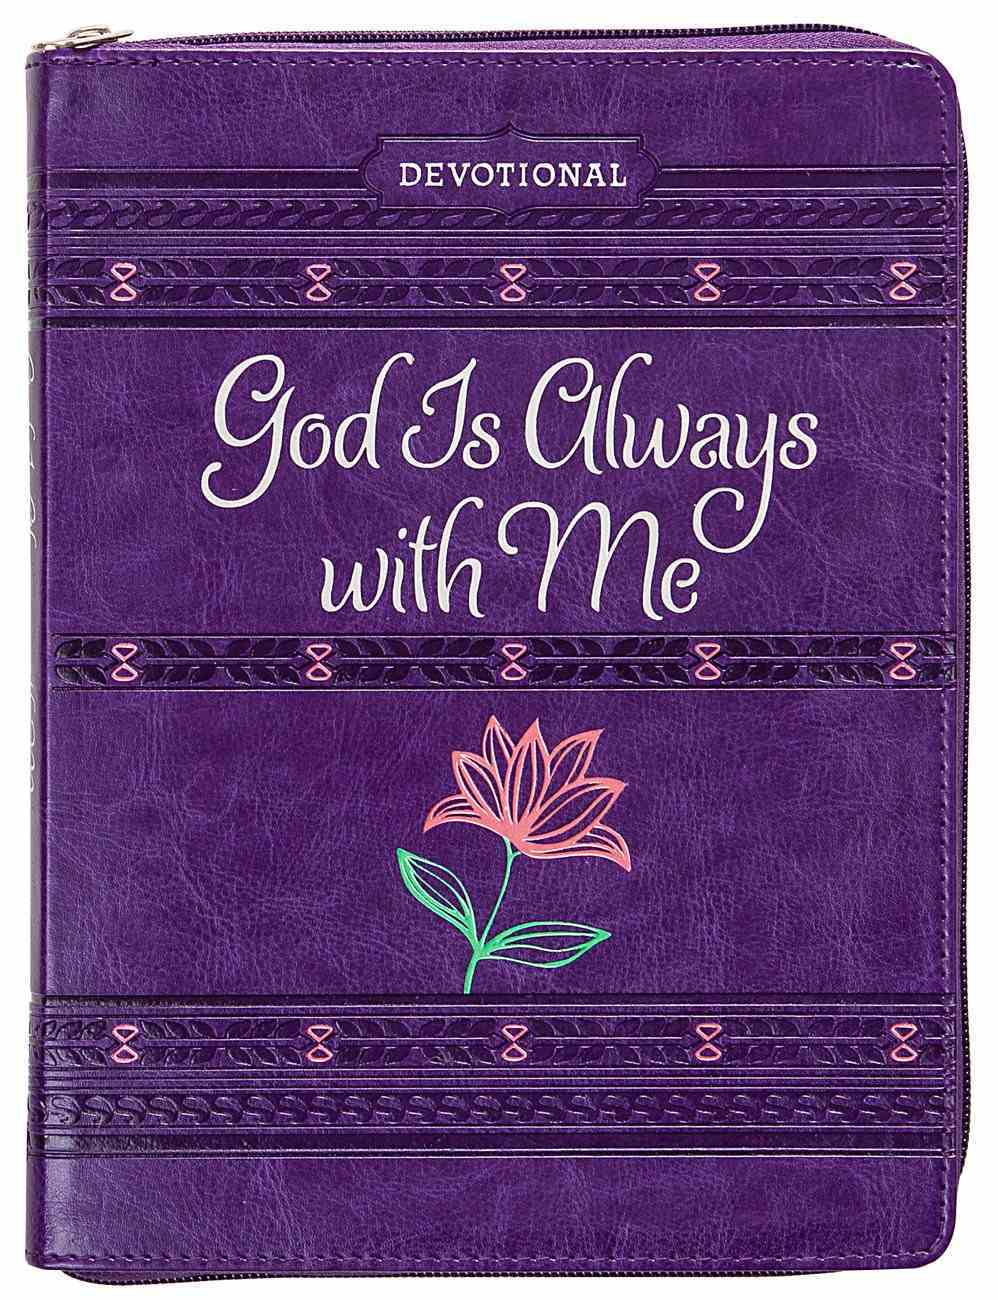 God is Always With Me Devotional Journal, Ziparound, Purple Imitation Leather